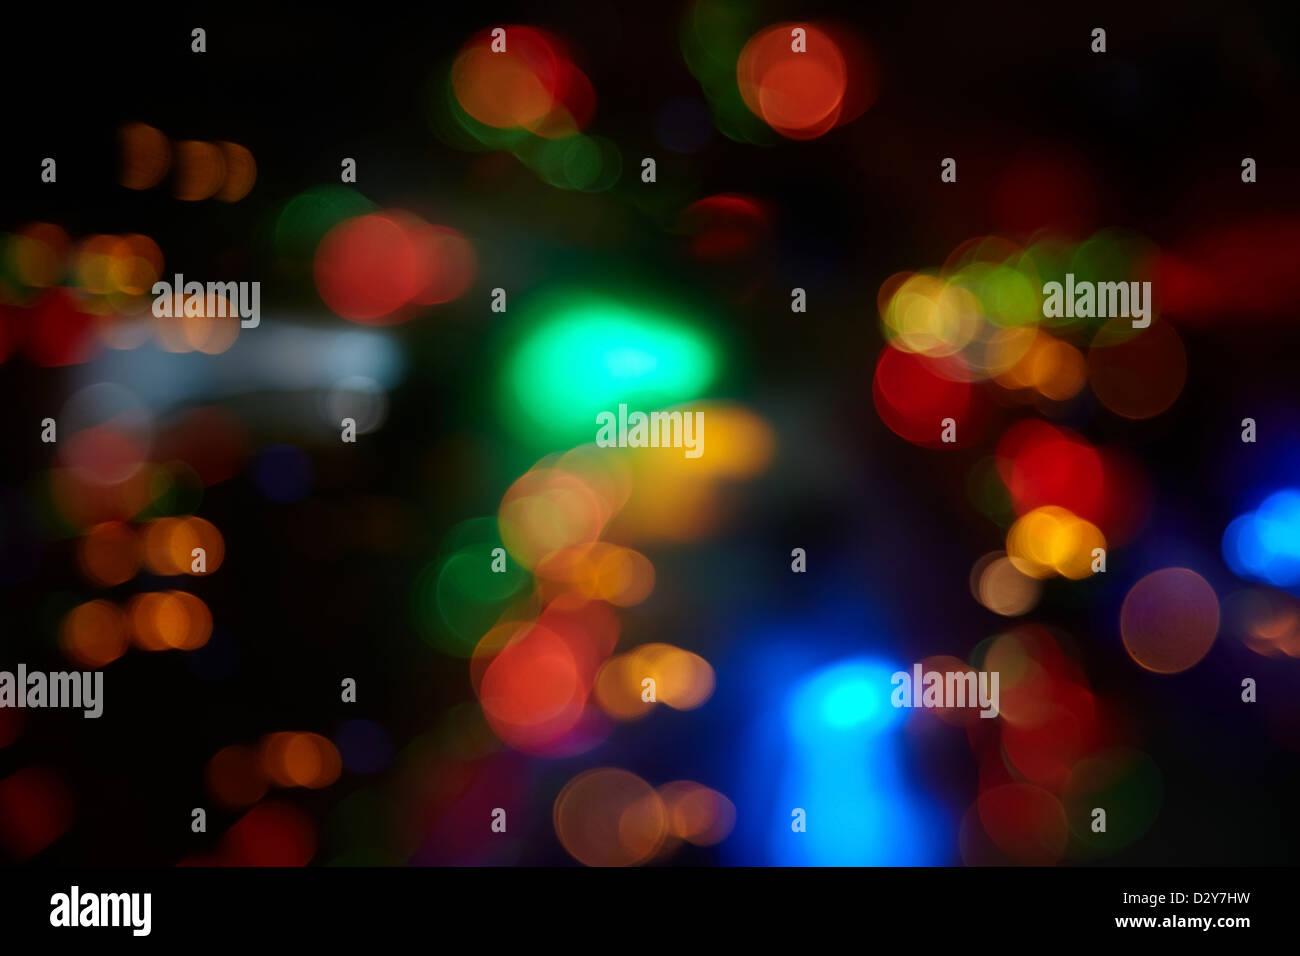 Sfondo astratto con sfere colorate di illuminazione sfocati foto